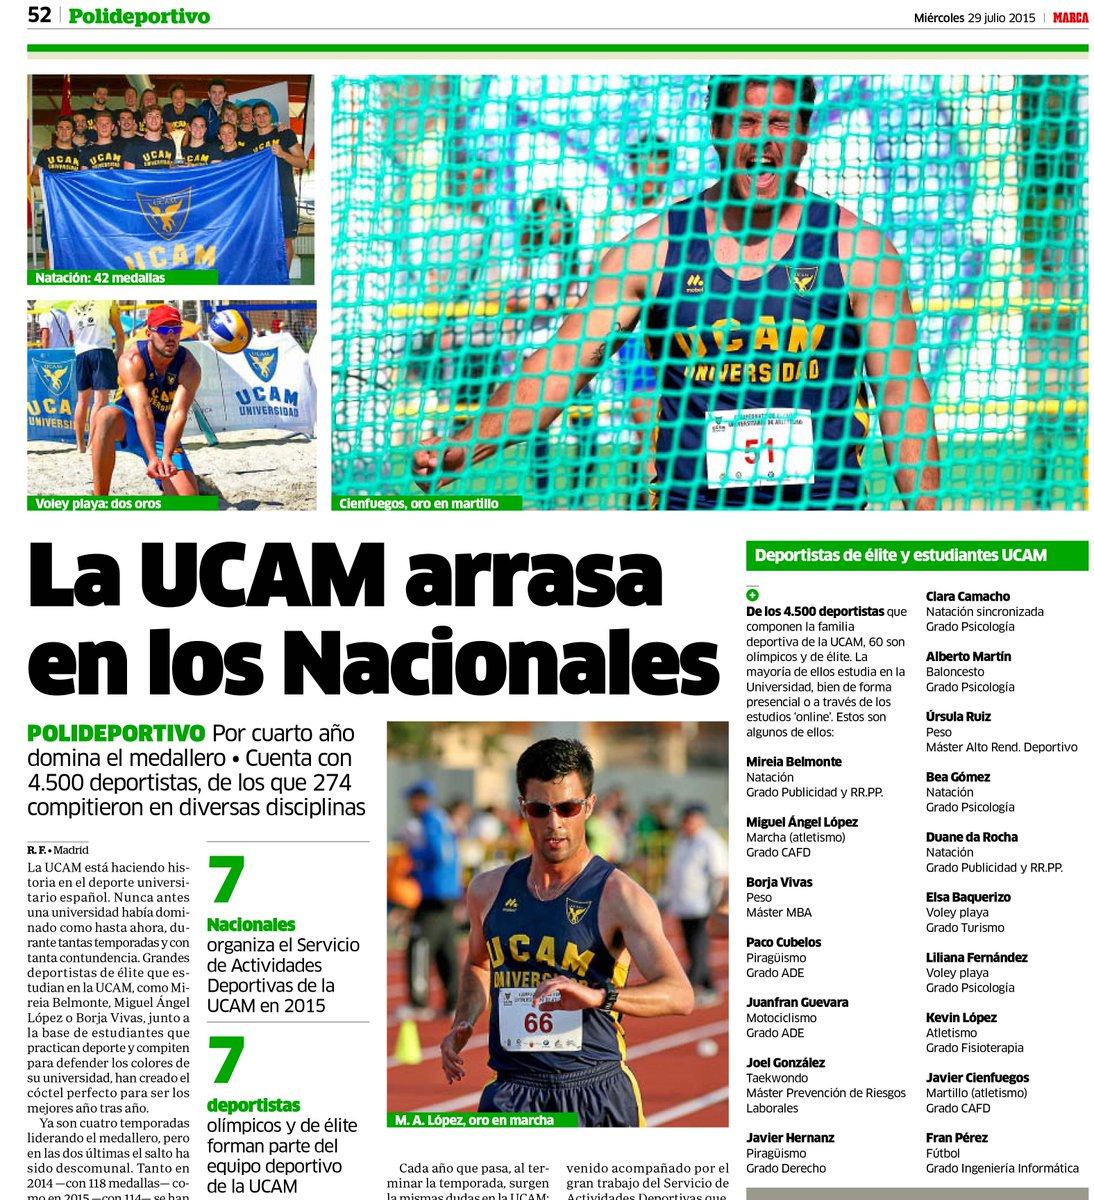 Hoy, en @marca, protagonistas con @UCAM_Deportes. http://t.co/08kvECbw0z